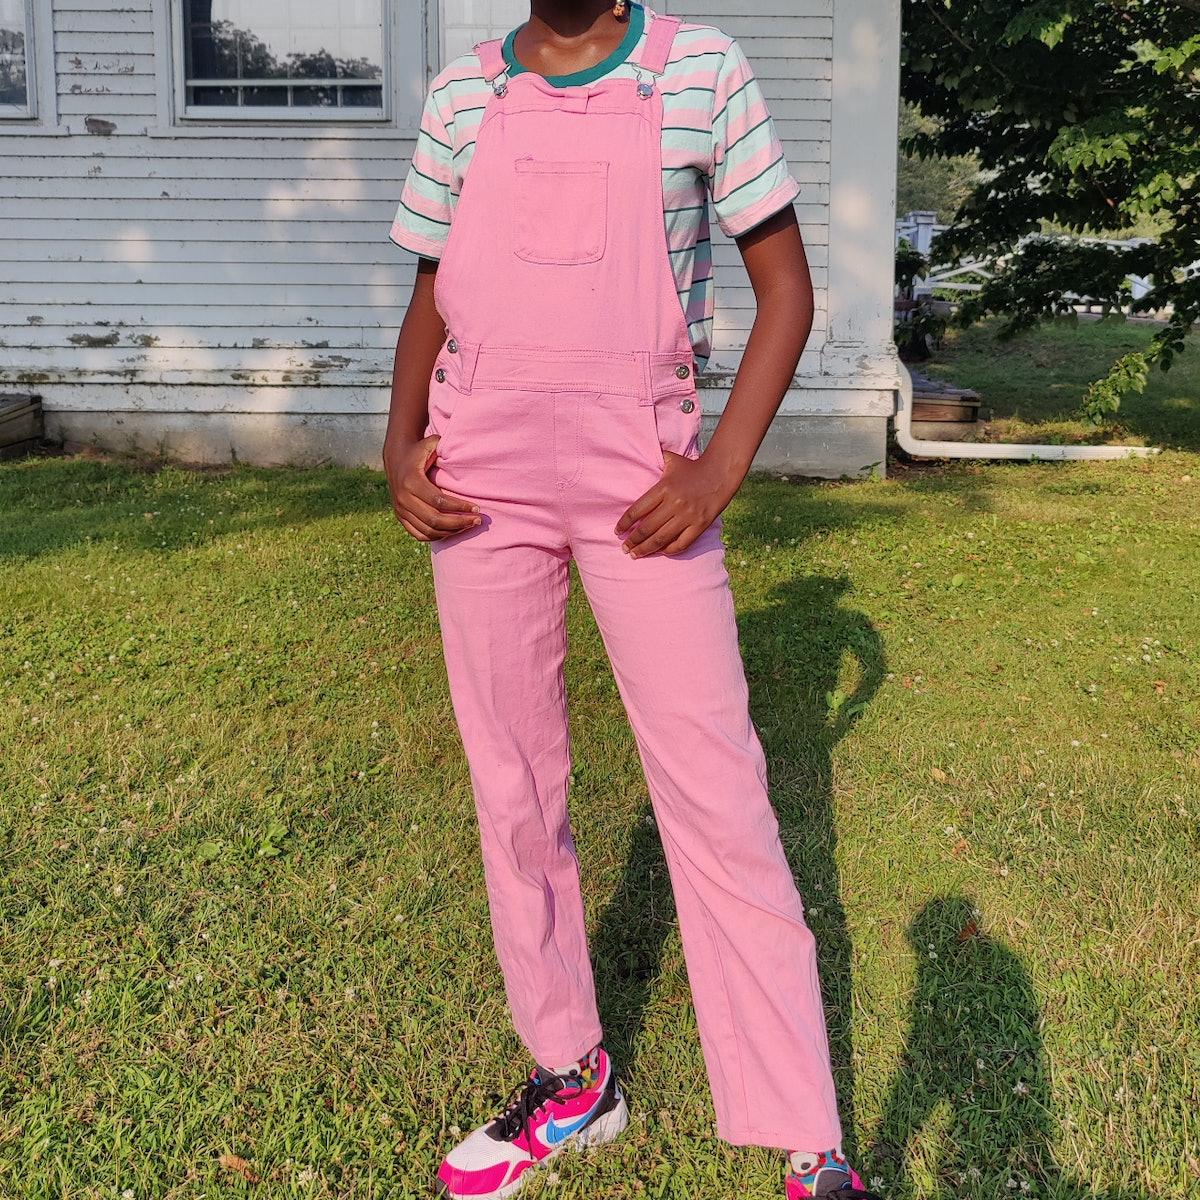 @ngarard Candy Girl Pink Overalls